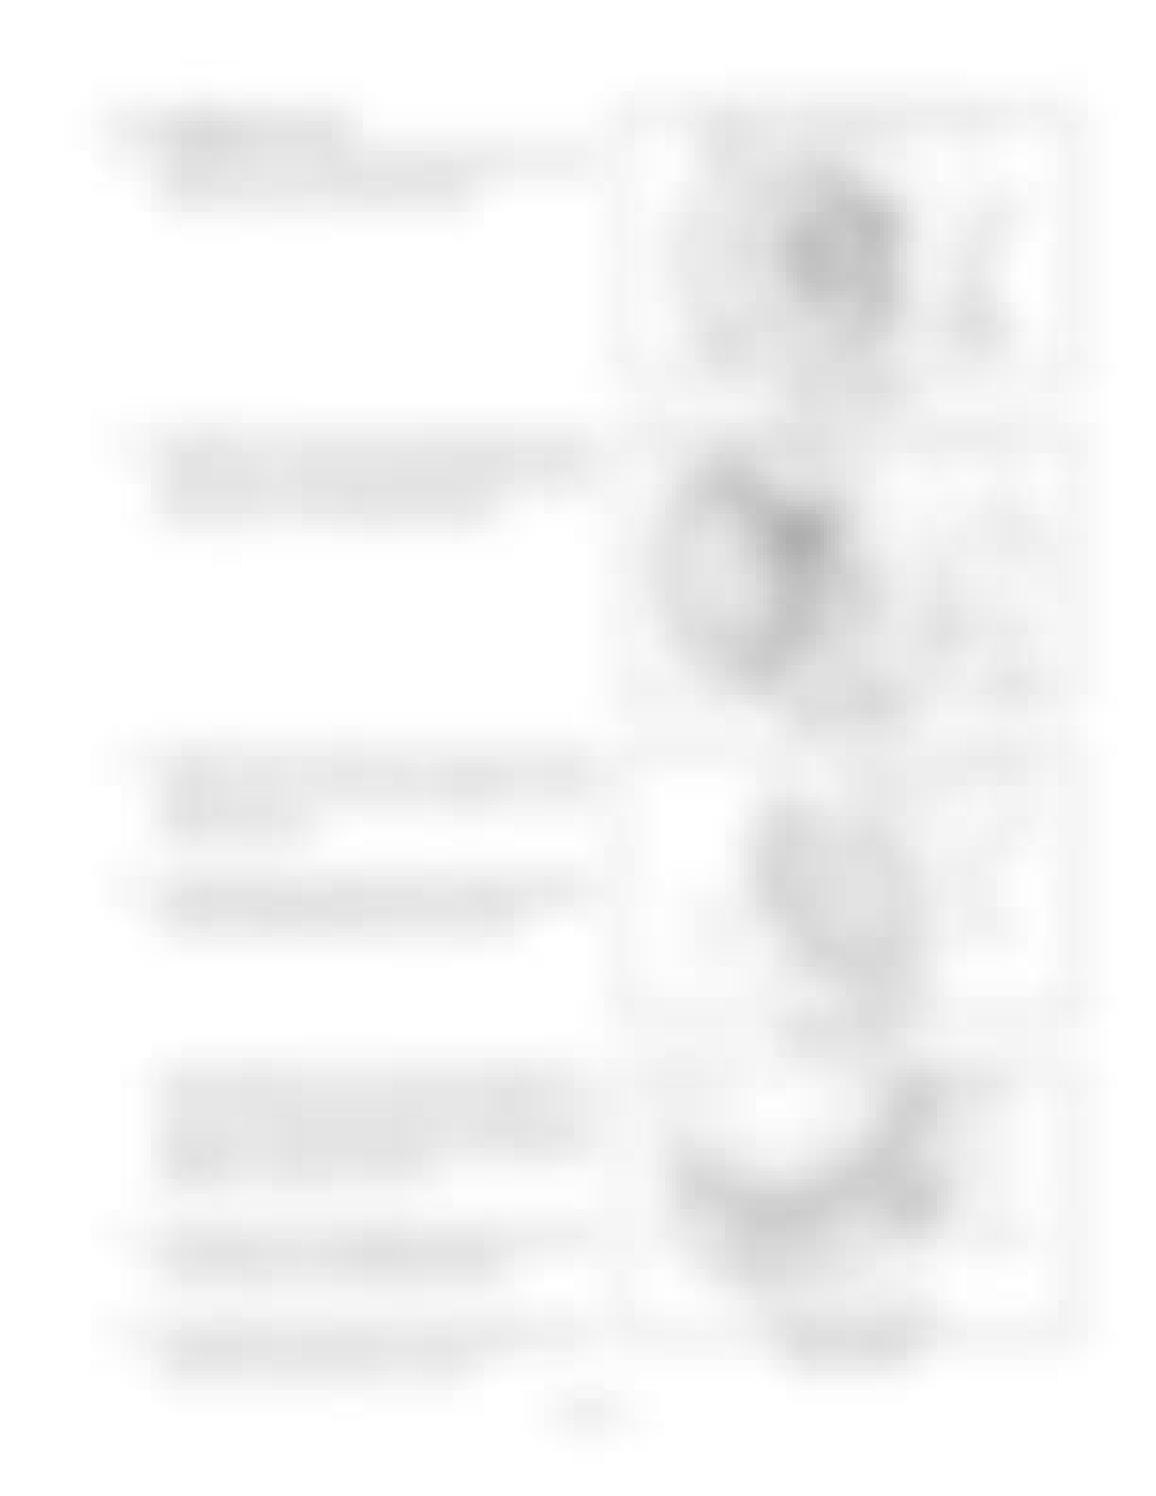 Hitachi LX110-7 LX130-7 LX160-7 LX190-7 LX230-7 Wheel Loader Workshop Manual - PDF DOWNLOAD page 175